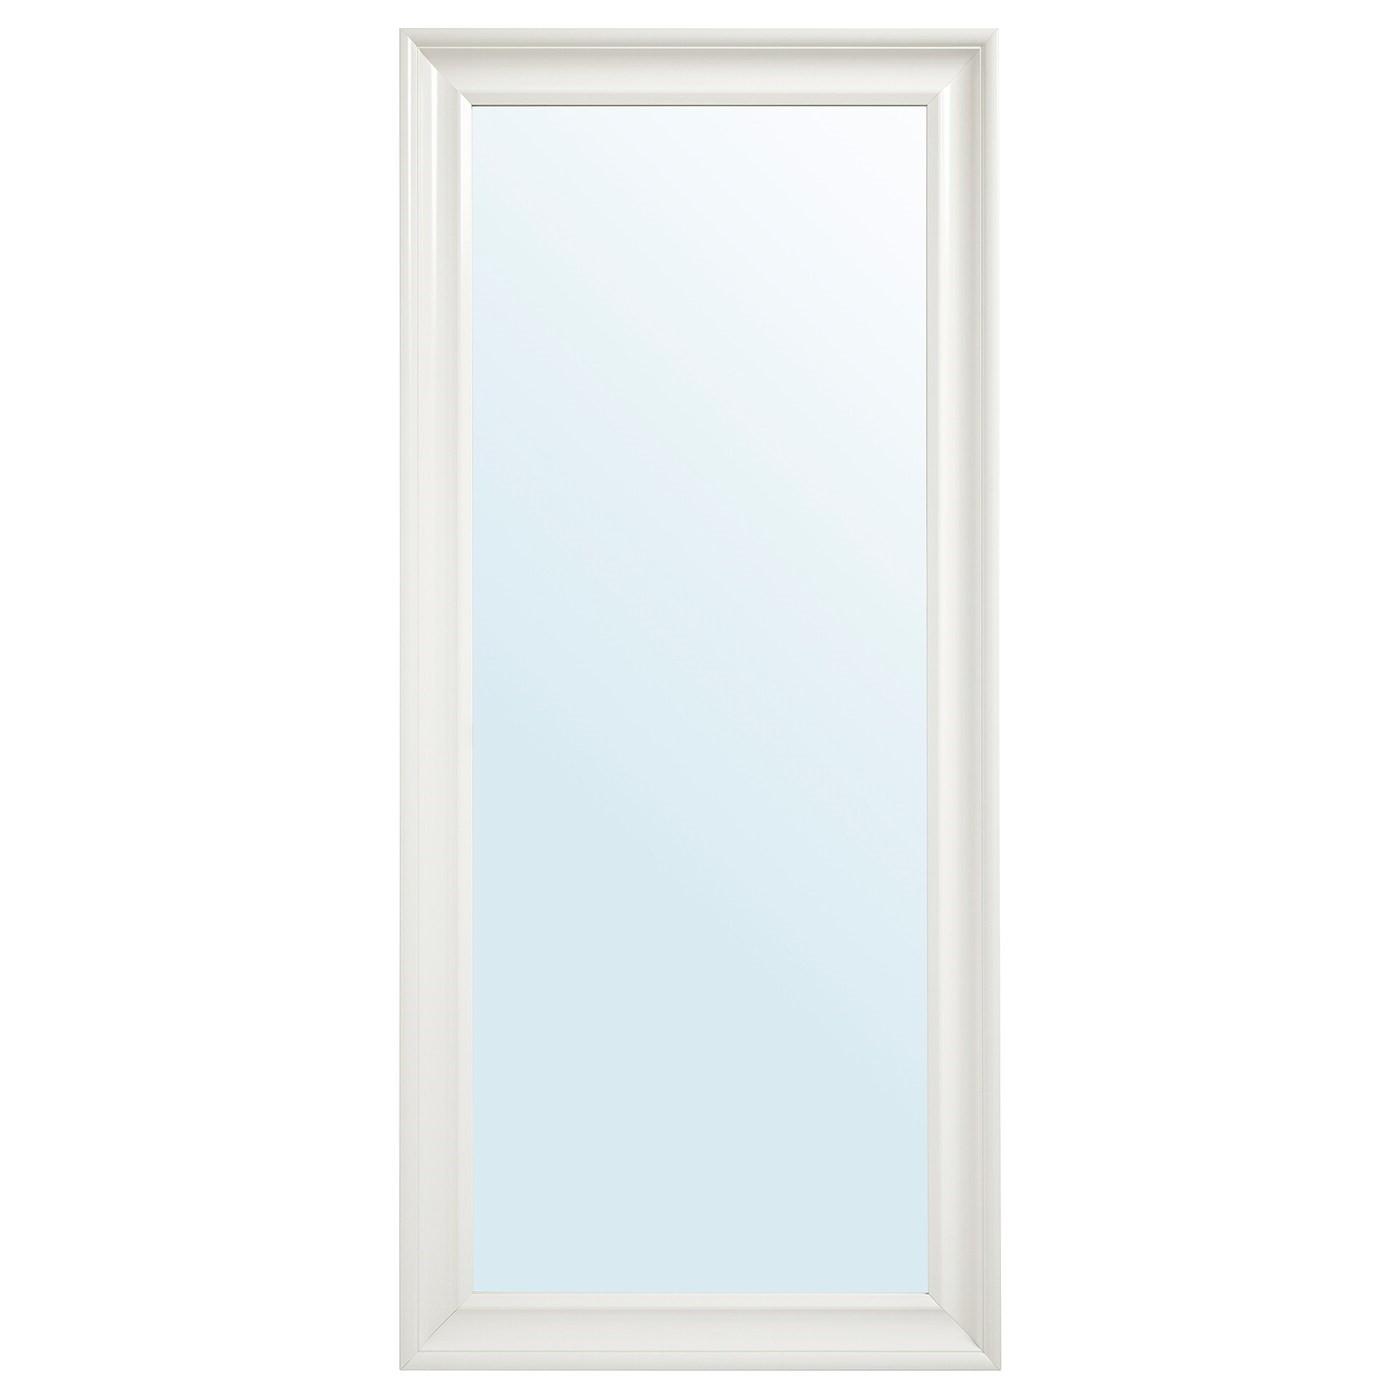 Miroir IKEA rectangulaire.